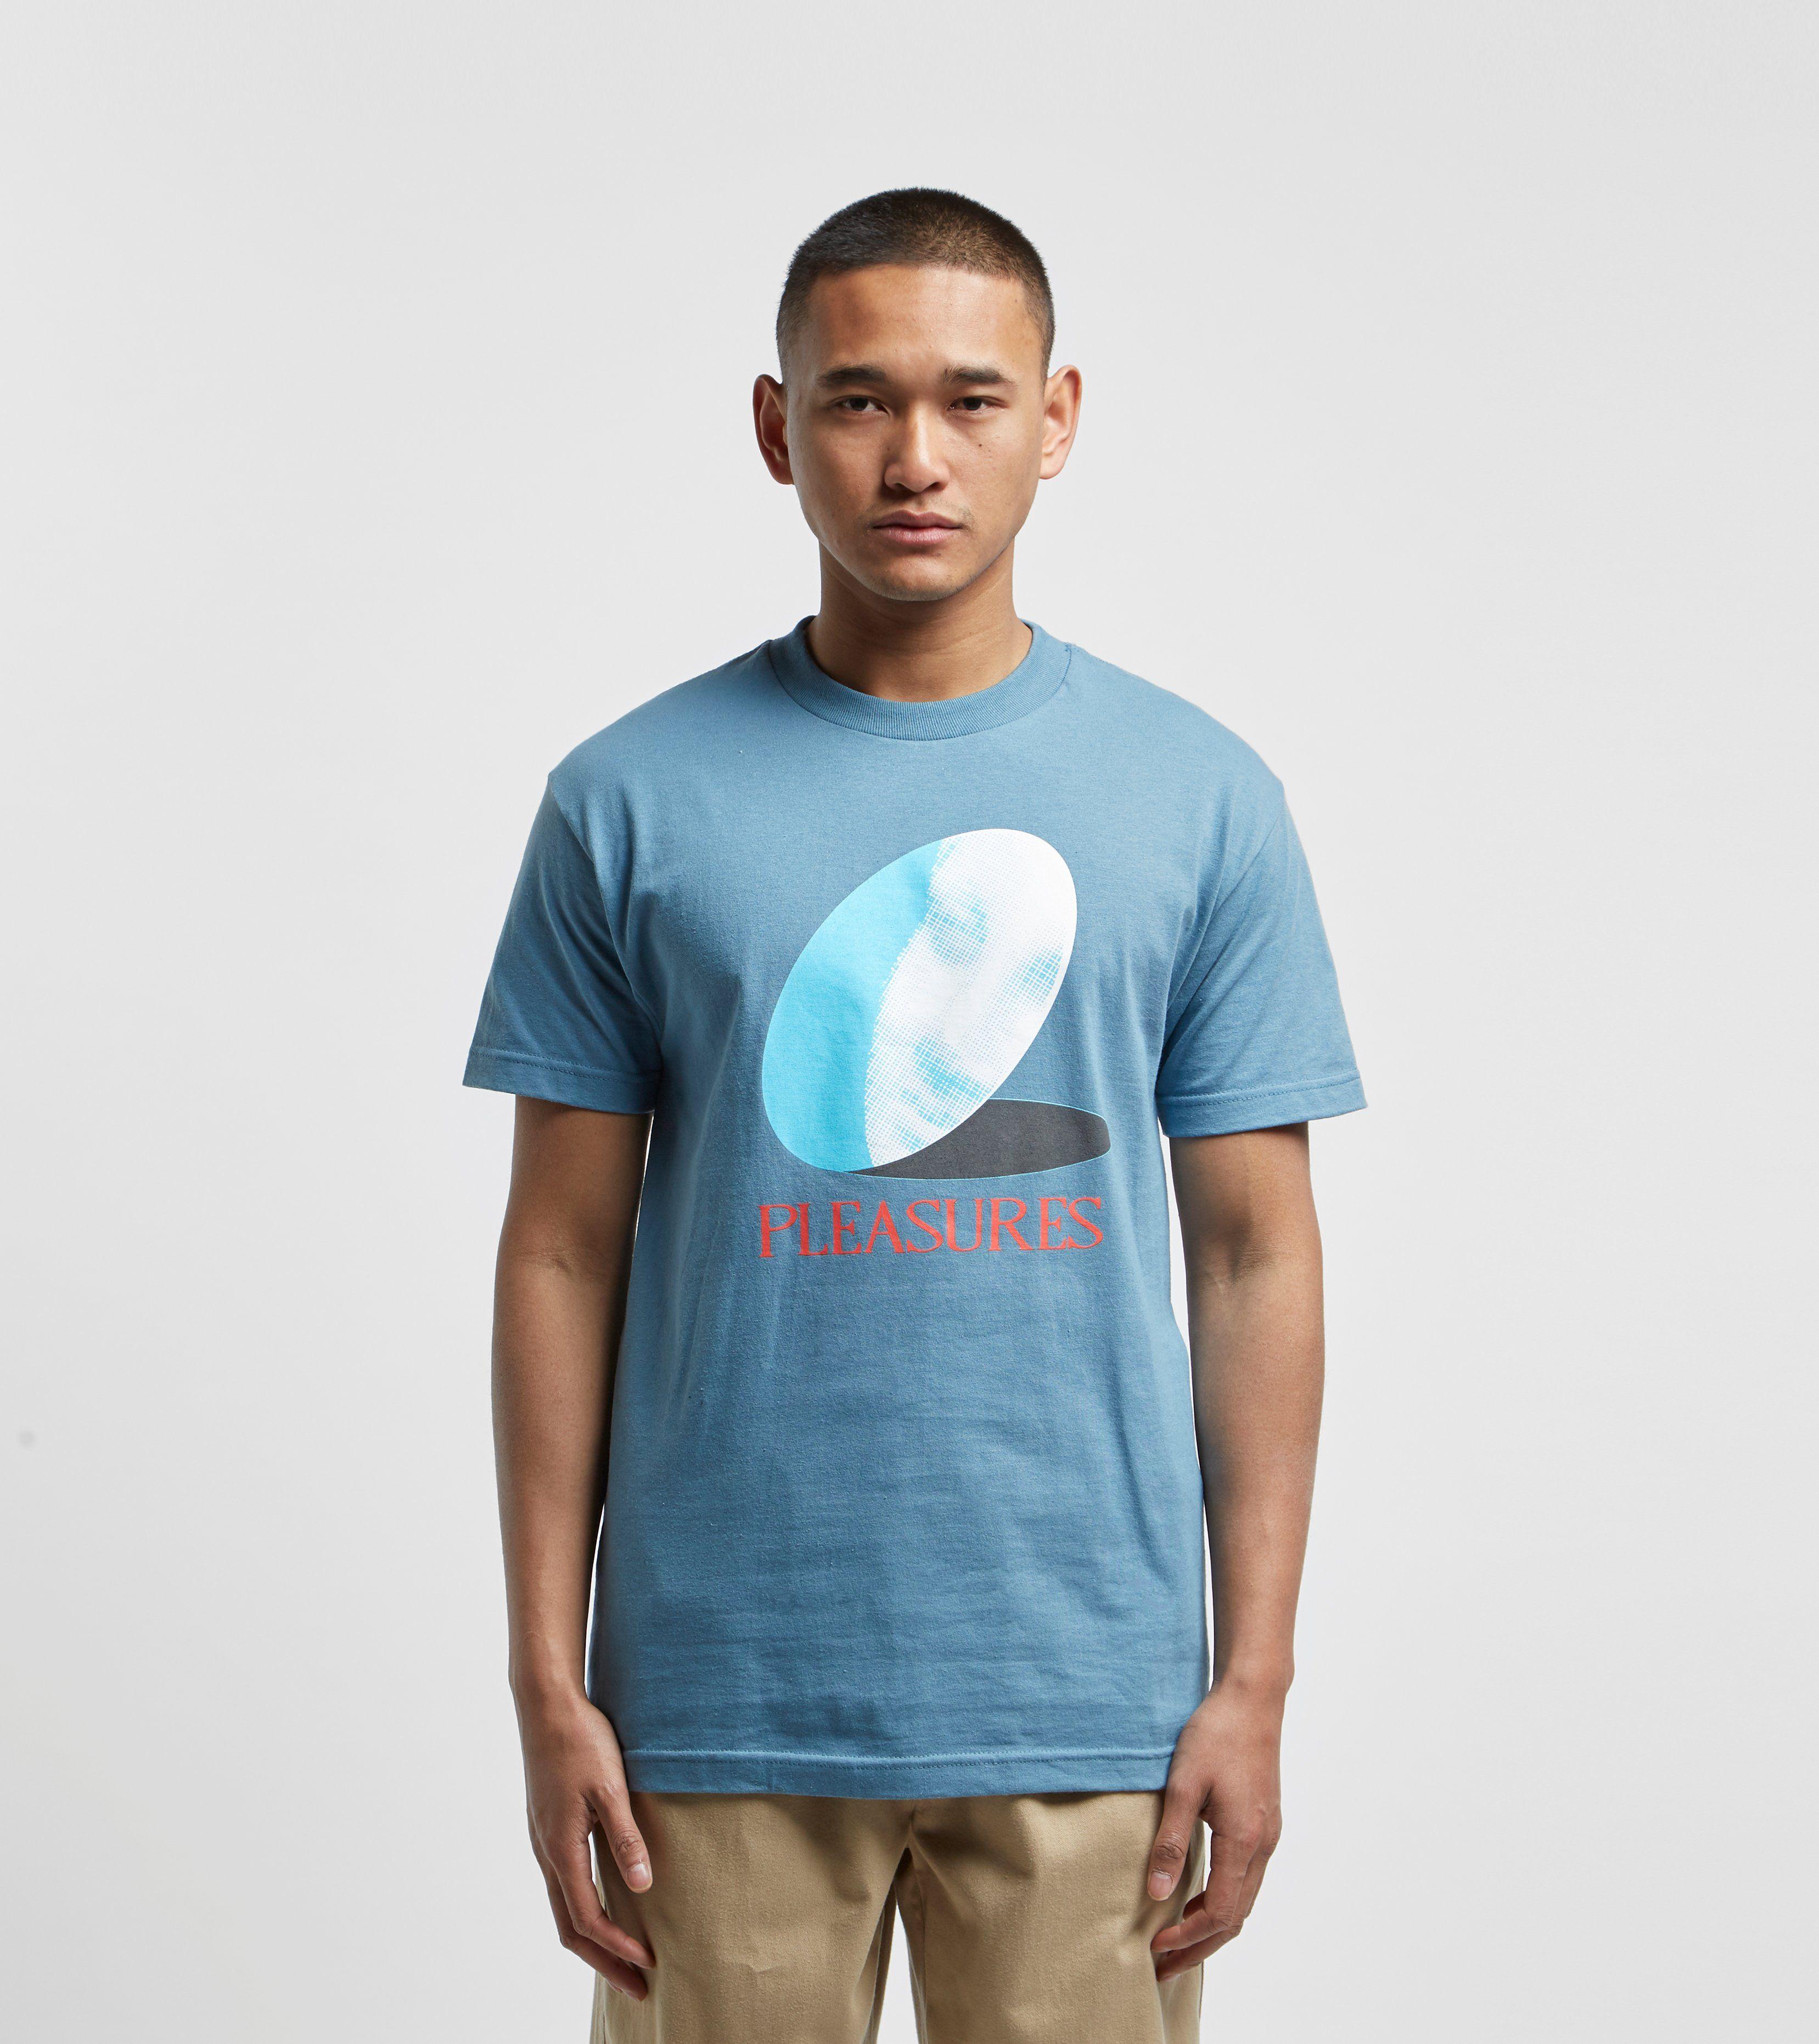 PLEASURES CD Sad T-Shirt